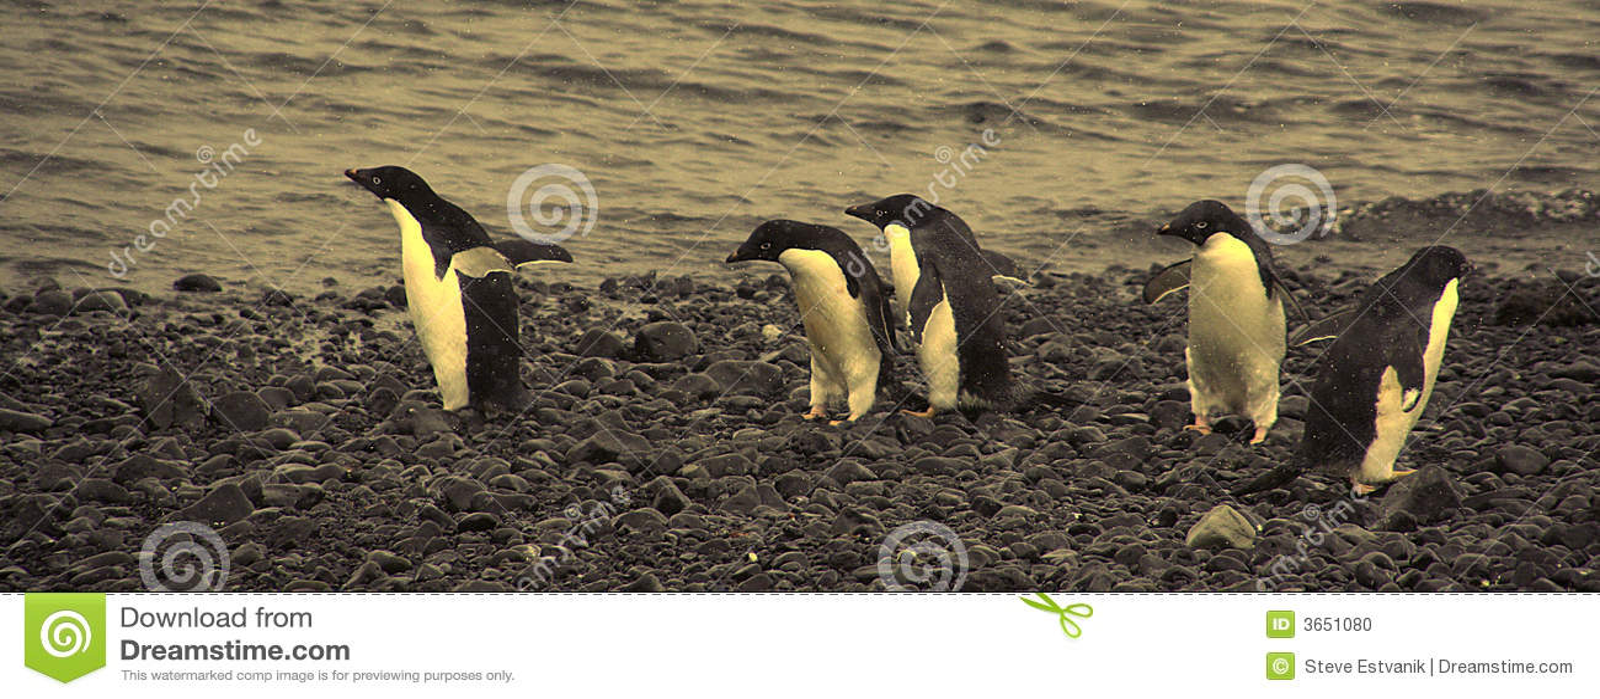 阿德力企鹅混淆肯定去不是企鹅其中